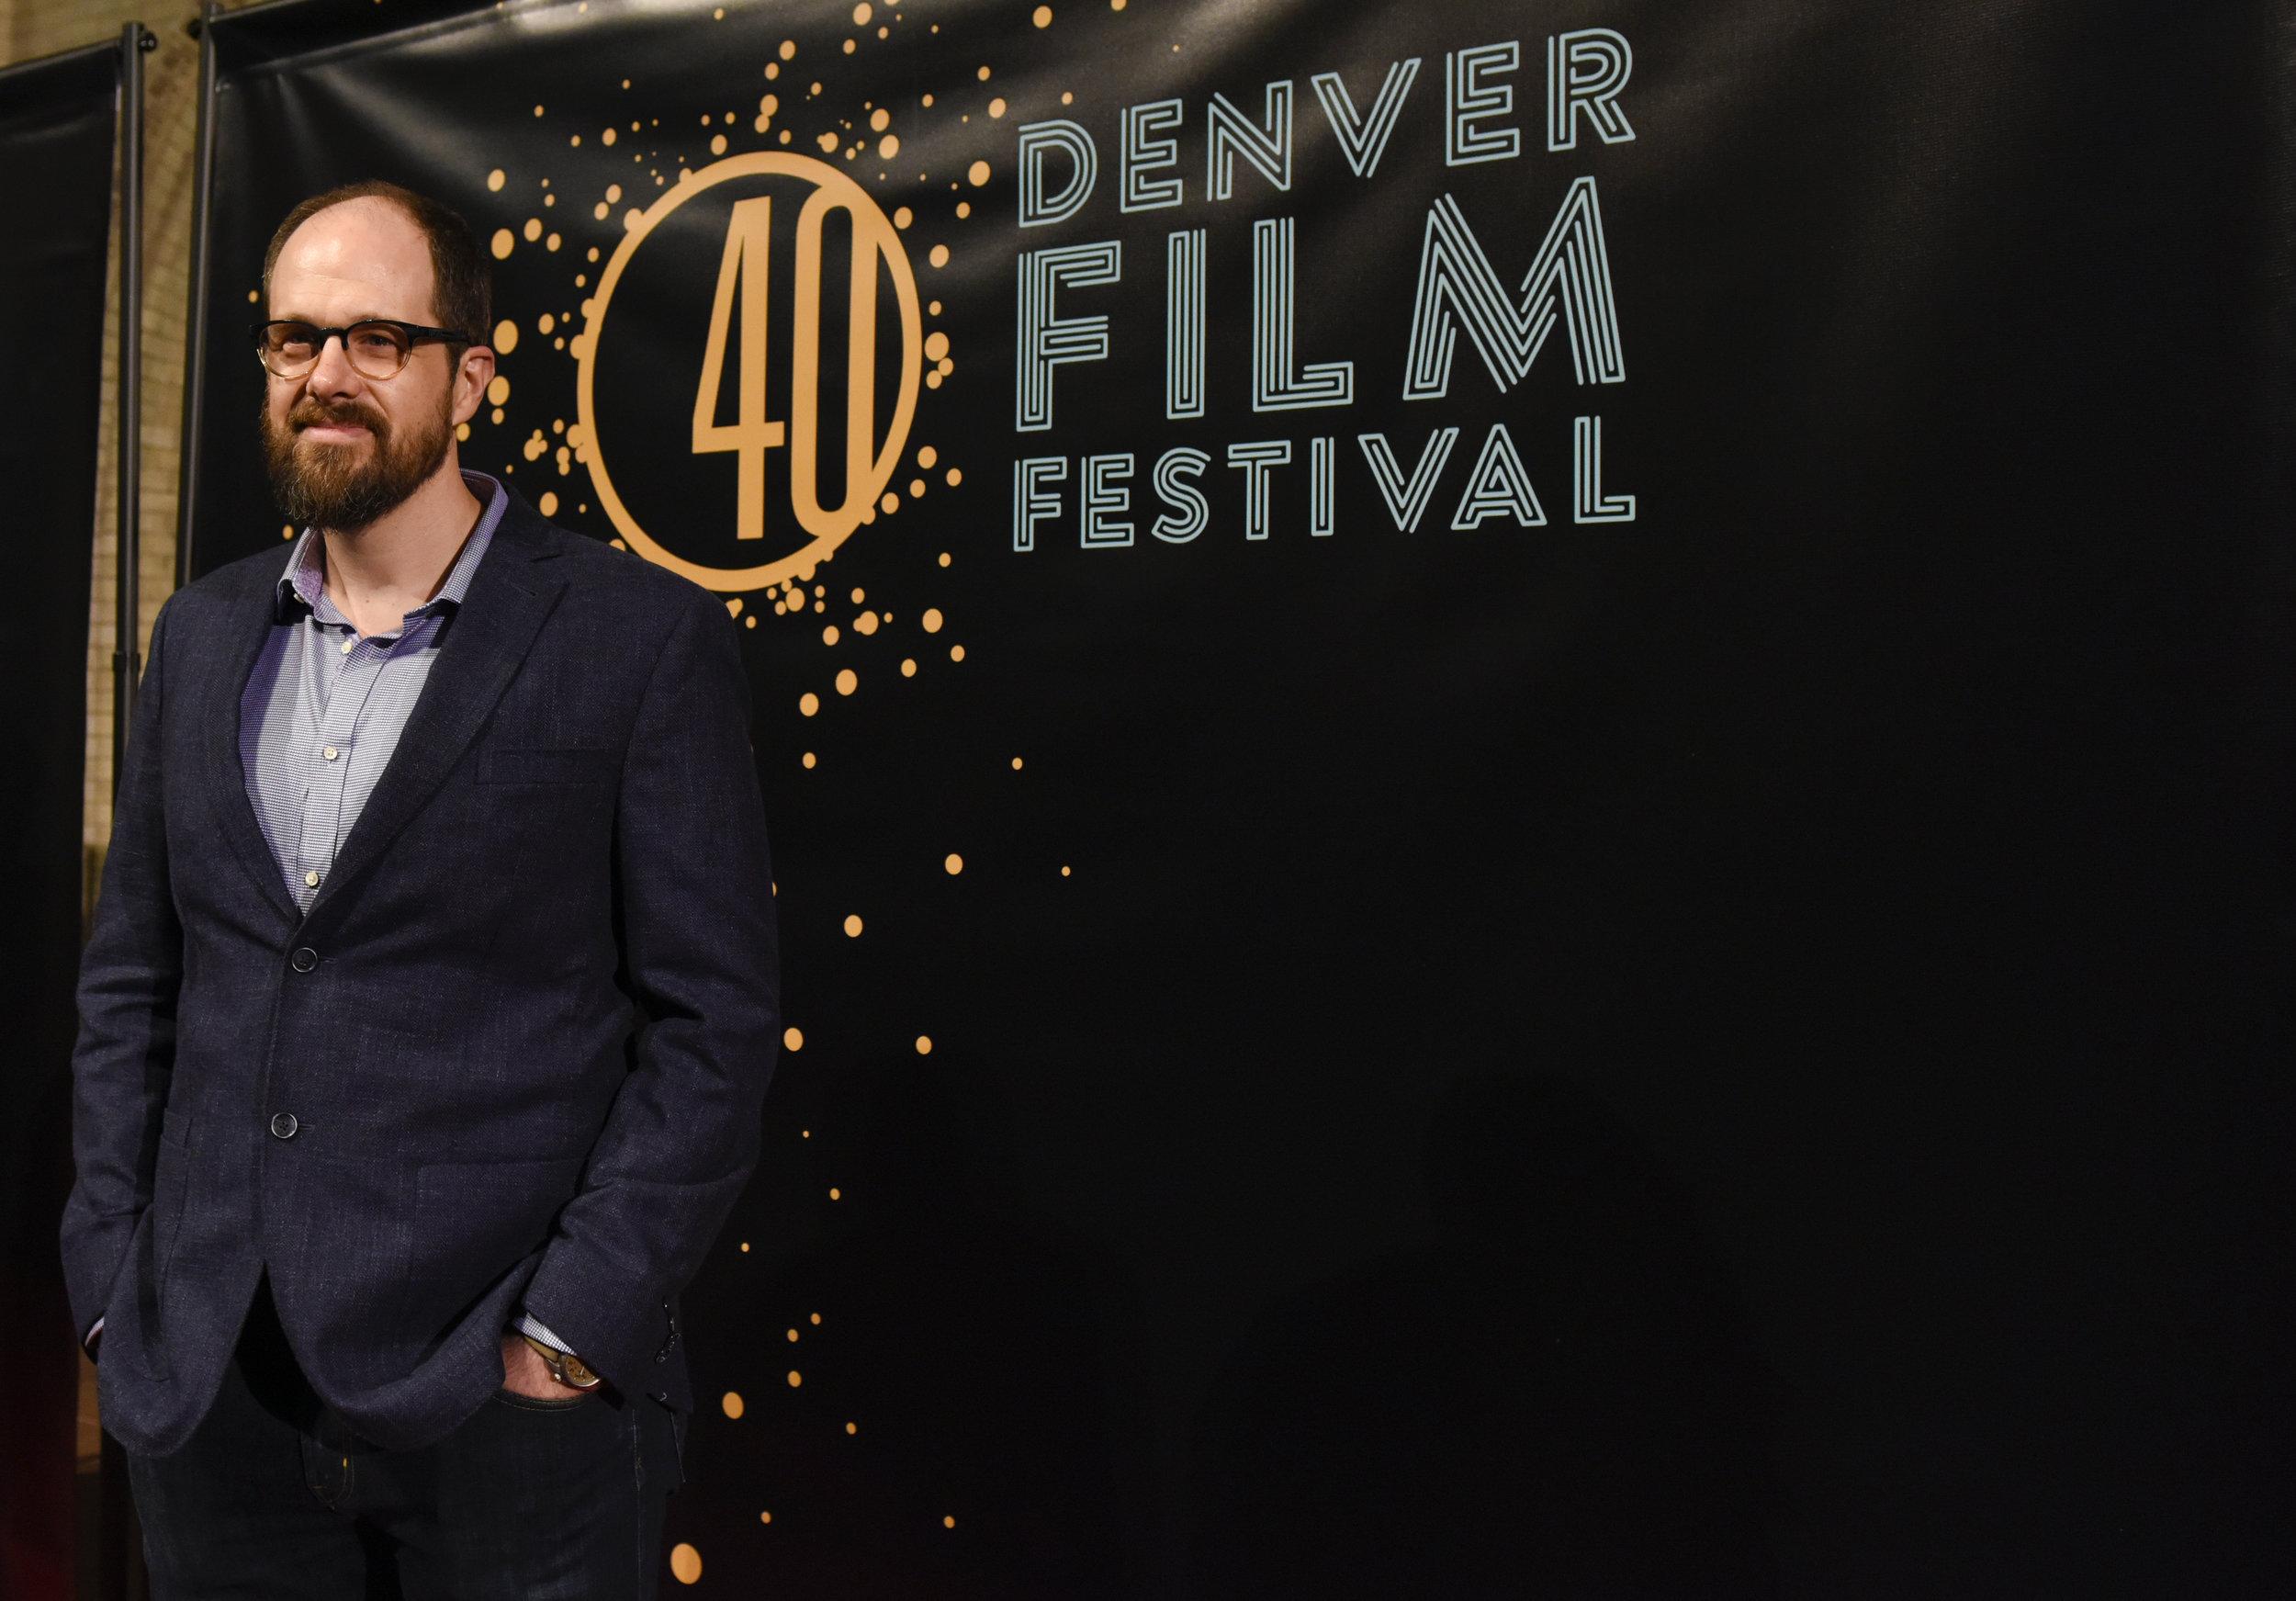 DenverFilmFestRedCarpet___CHM6501.jpg